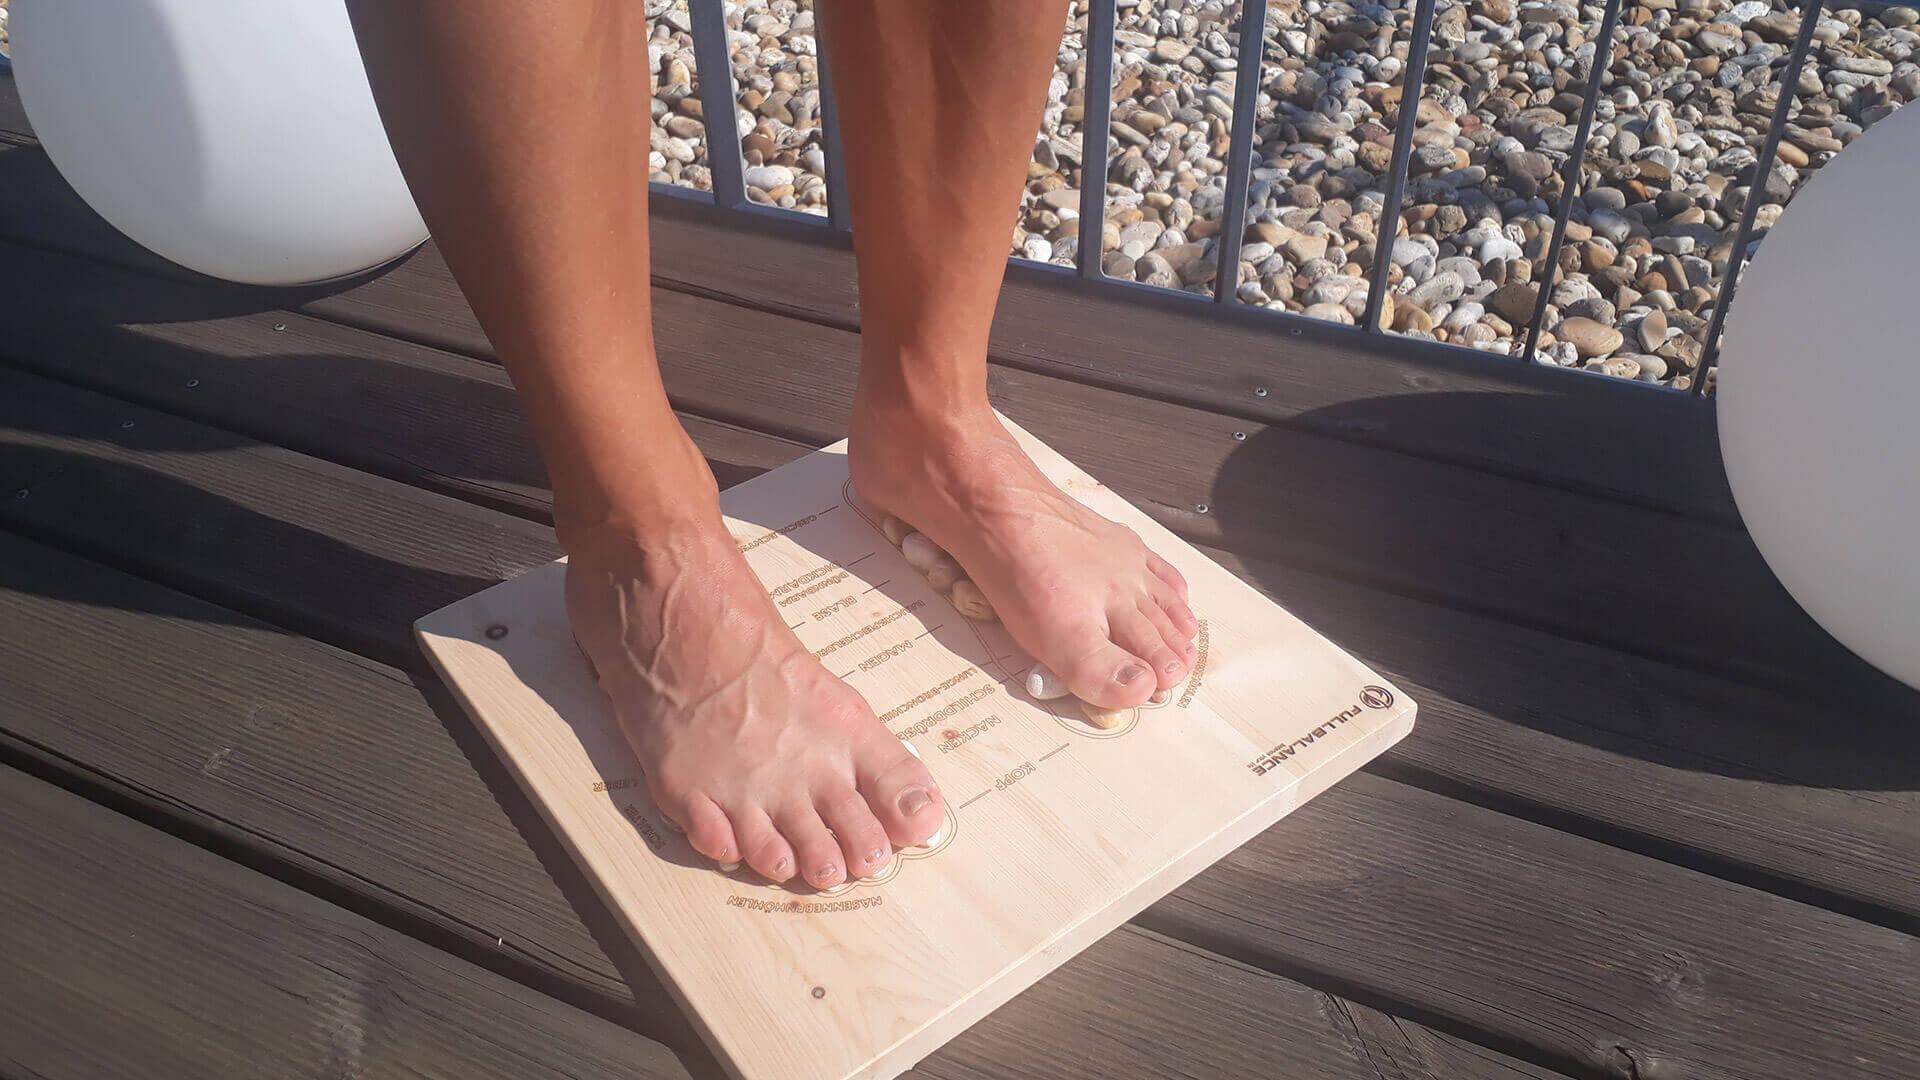 Fußreflexzonenmassage Zu Hause Effektiv Selber Machen Naturprodukt